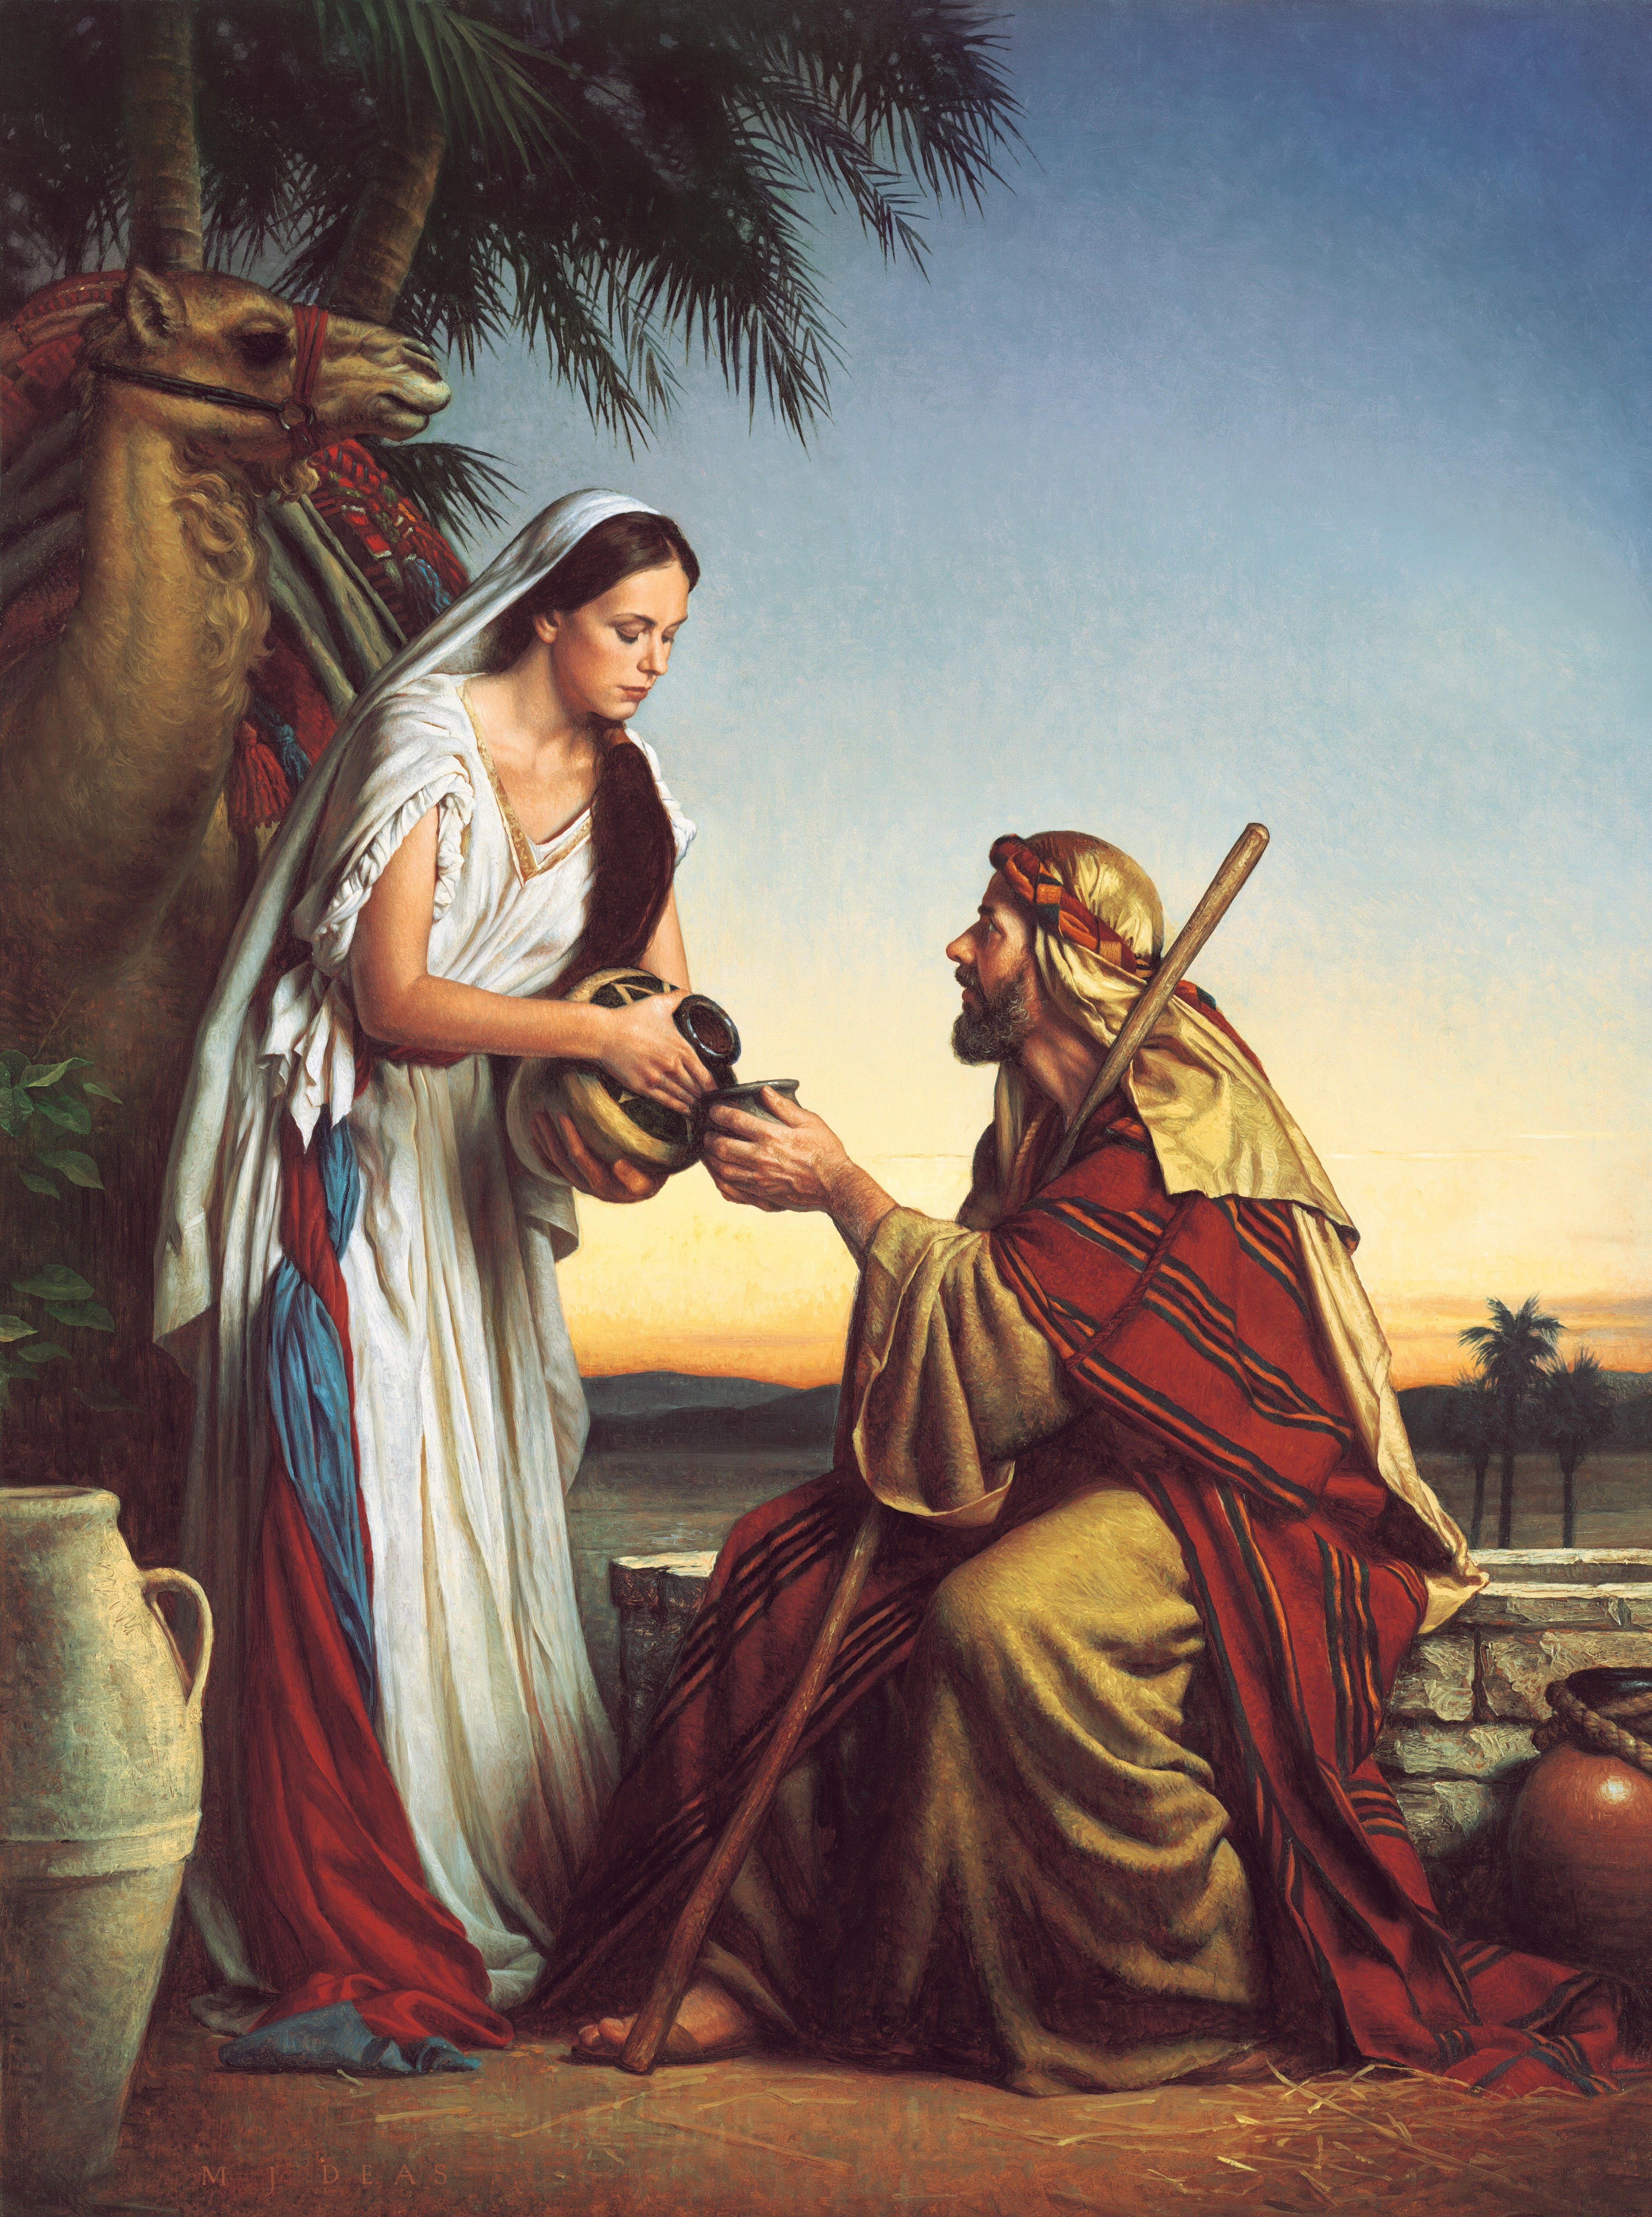 Rebekah at the Well, by Michael Deas (62160); GAK 121; GAB 10; Primary manual 6-15; Genesis 24:17–18